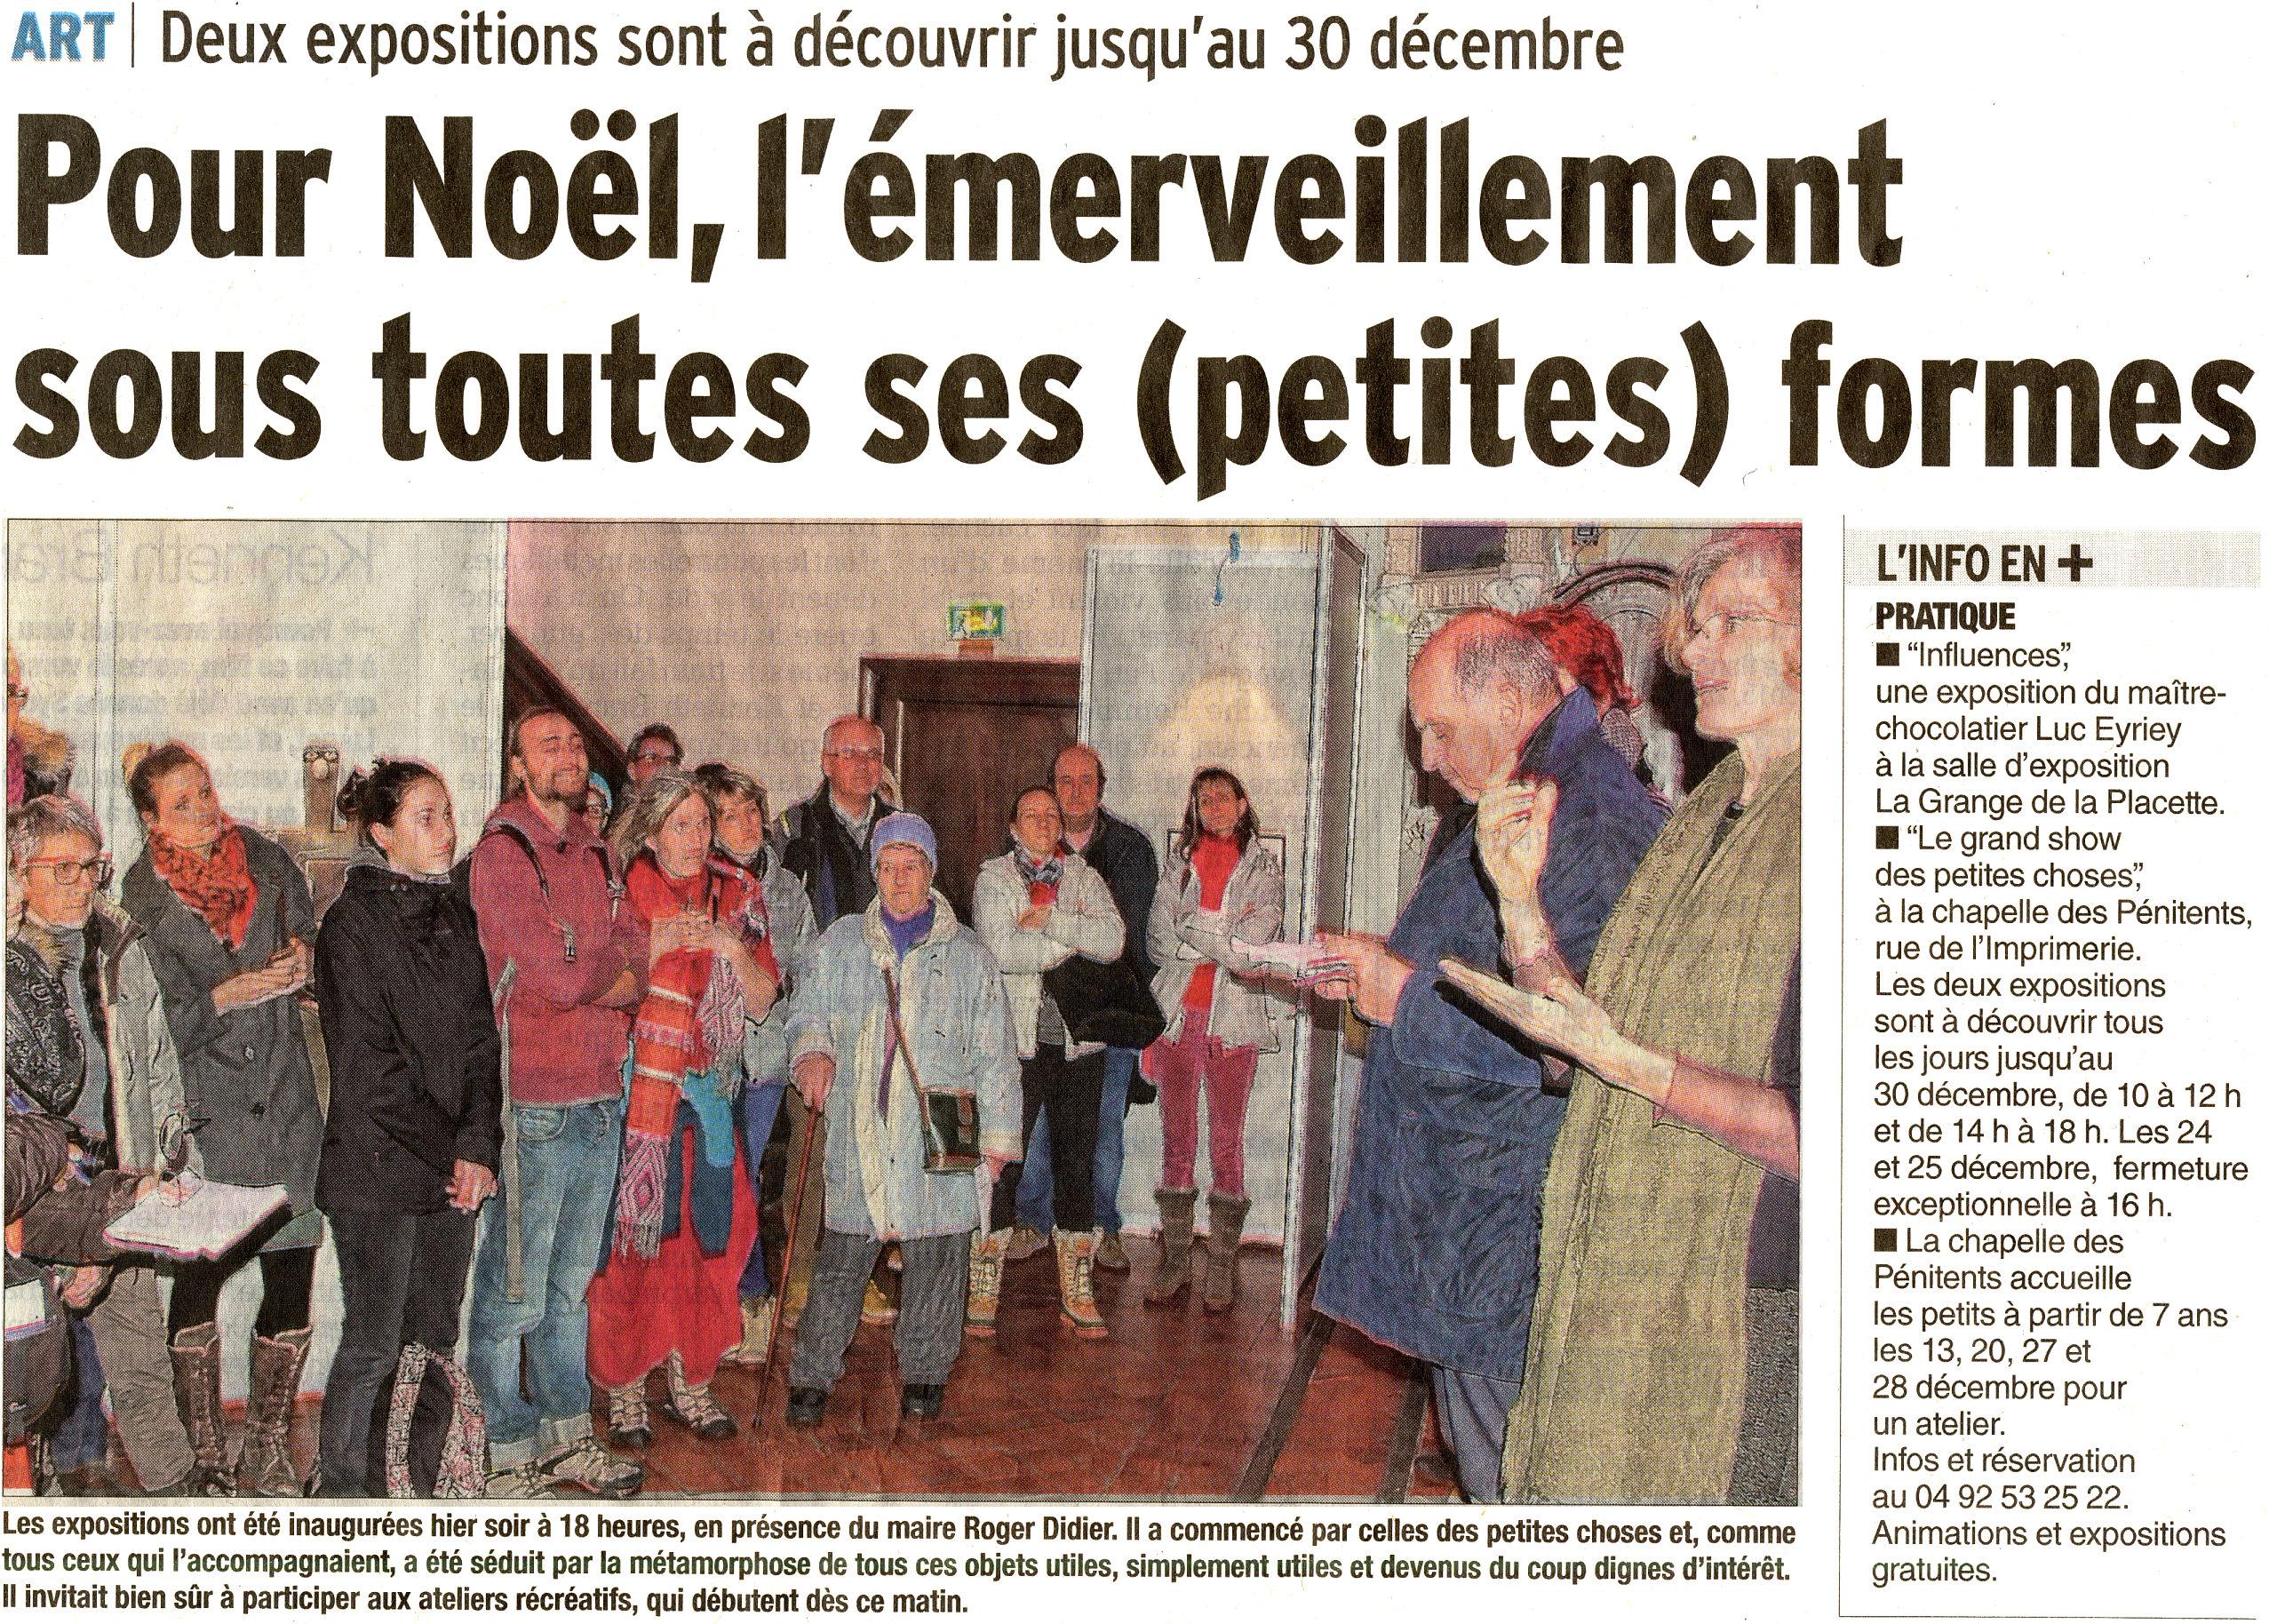 Dauphiné Libéré 20171213 partie 1 Expositions de Noël 2017